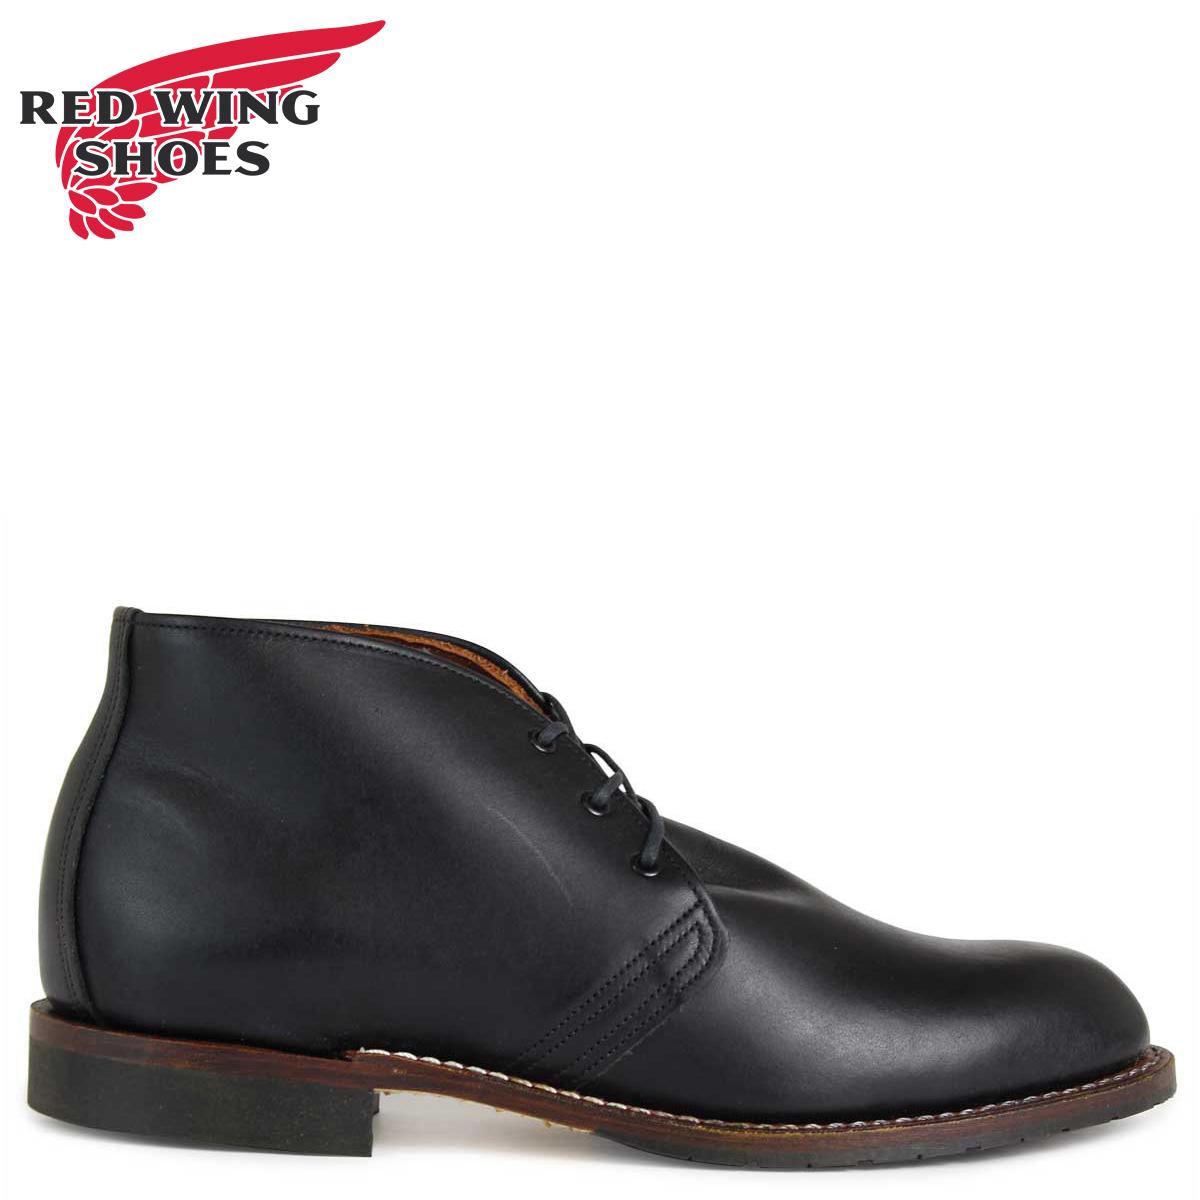 RED WING レッドウィング ベックマン ブーツ BECKMAN CHUKKA 9049 レッドウイング メンズ ブラック